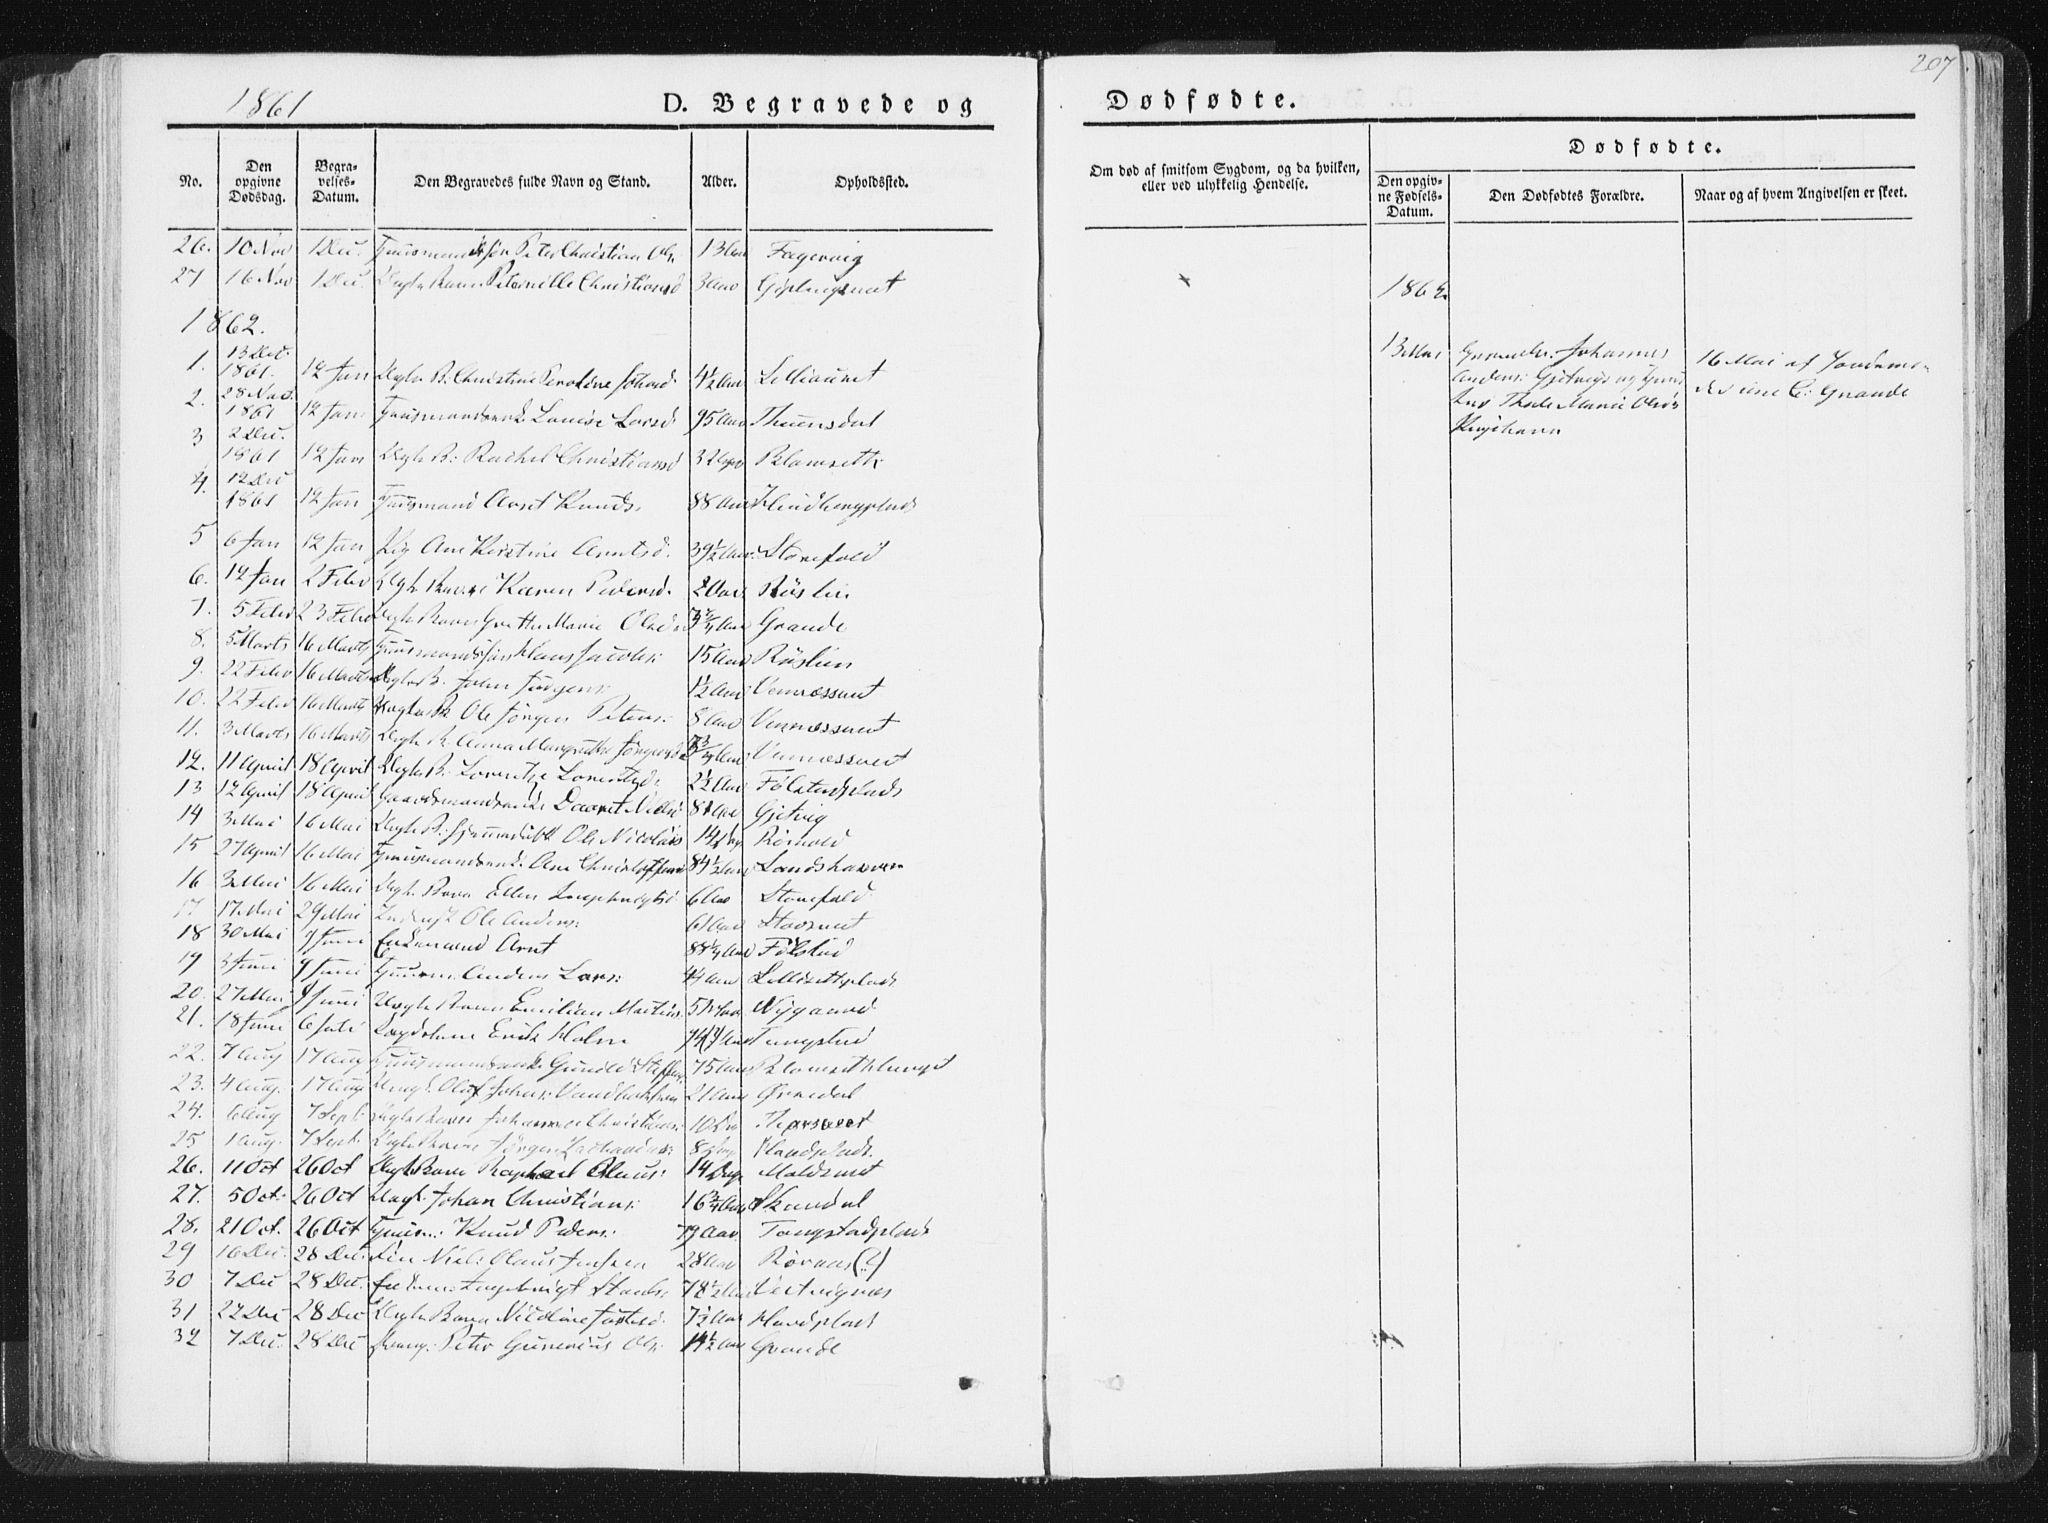 SAT, Ministerialprotokoller, klokkerbøker og fødselsregistre - Nord-Trøndelag, 744/L0418: Ministerialbok nr. 744A02, 1843-1866, s. 207